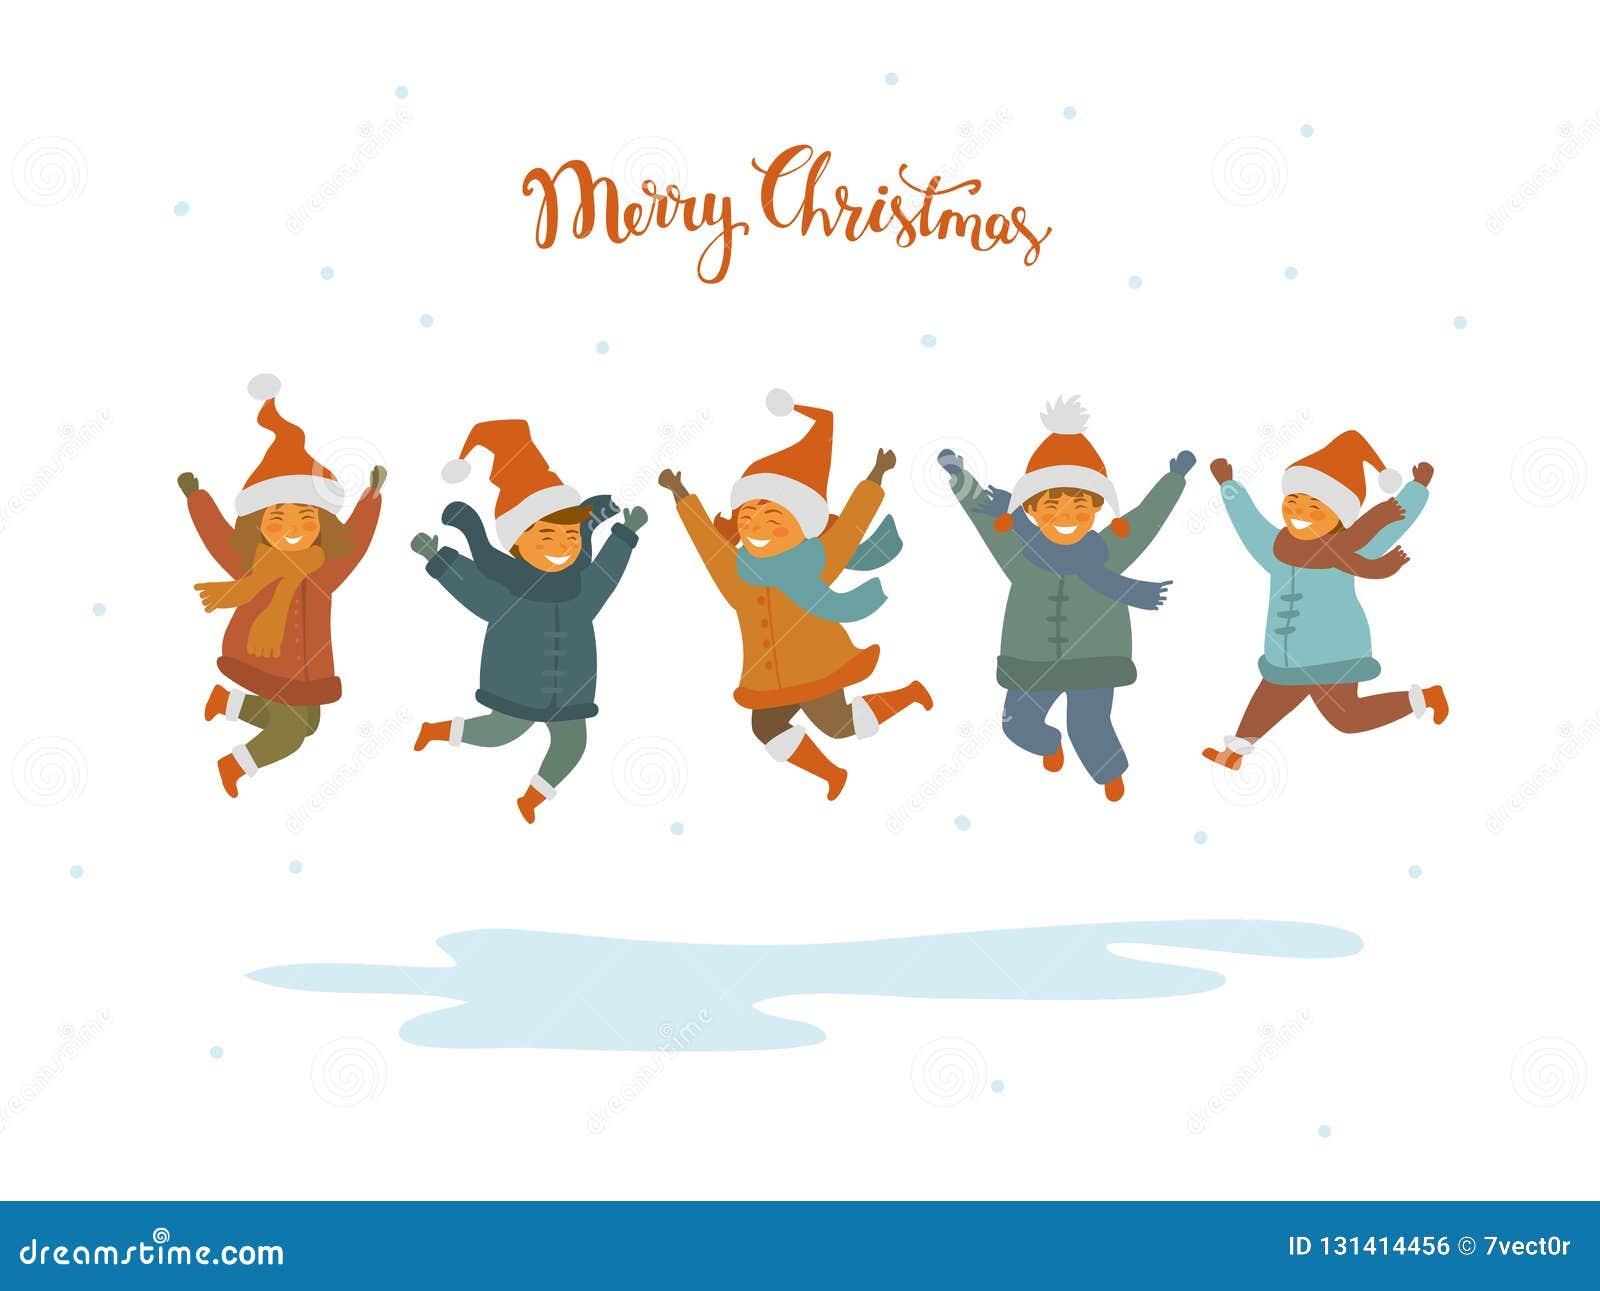 De groep leuke gelukkige kinderen, jongens en meisjes die voor vreugde voor Kerstmis springen, isoleerde vectorillustratie